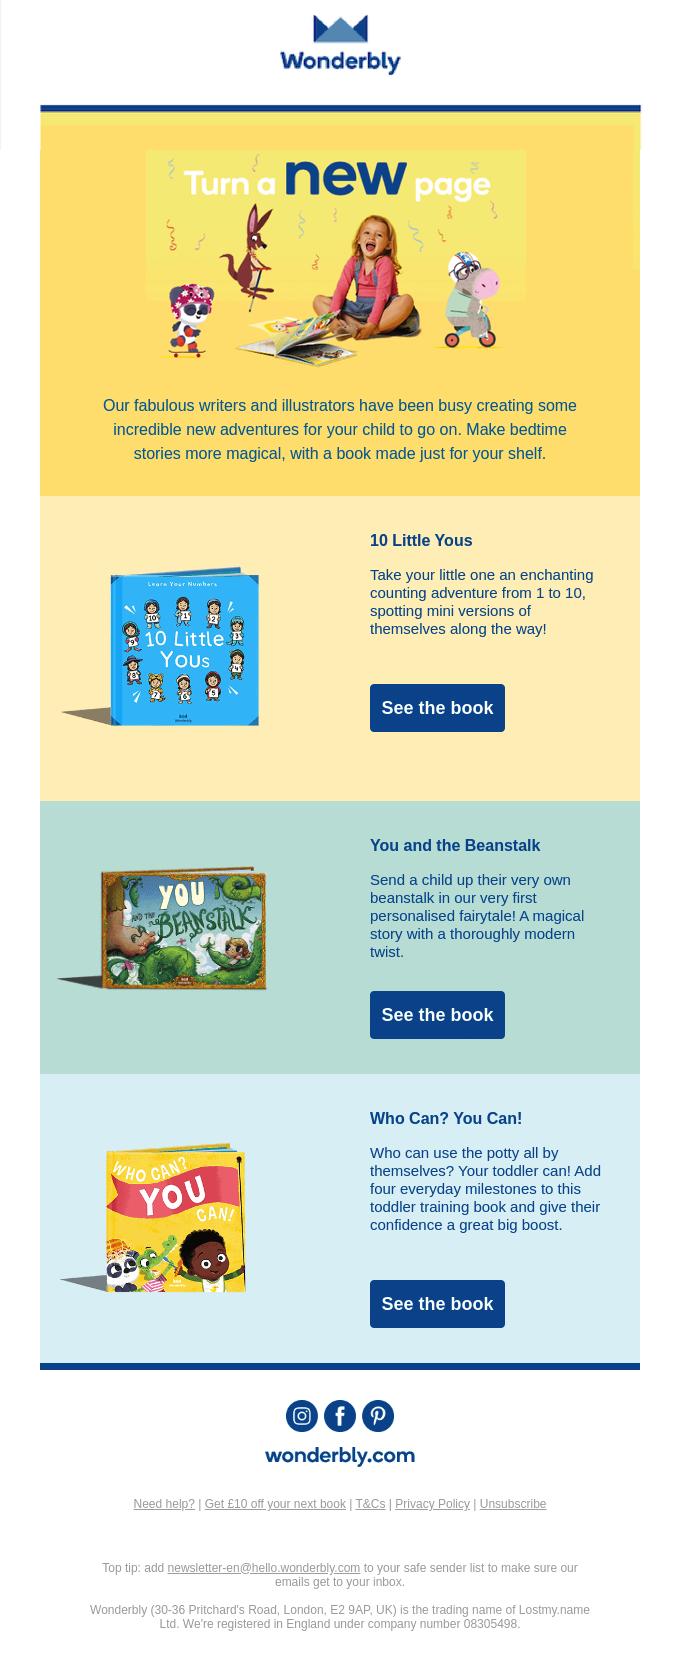 كيفية كتابة رسائل بريد إلكتروني ترويجية تتضمن مثال بريد إلكتروني ترويجي صورًا